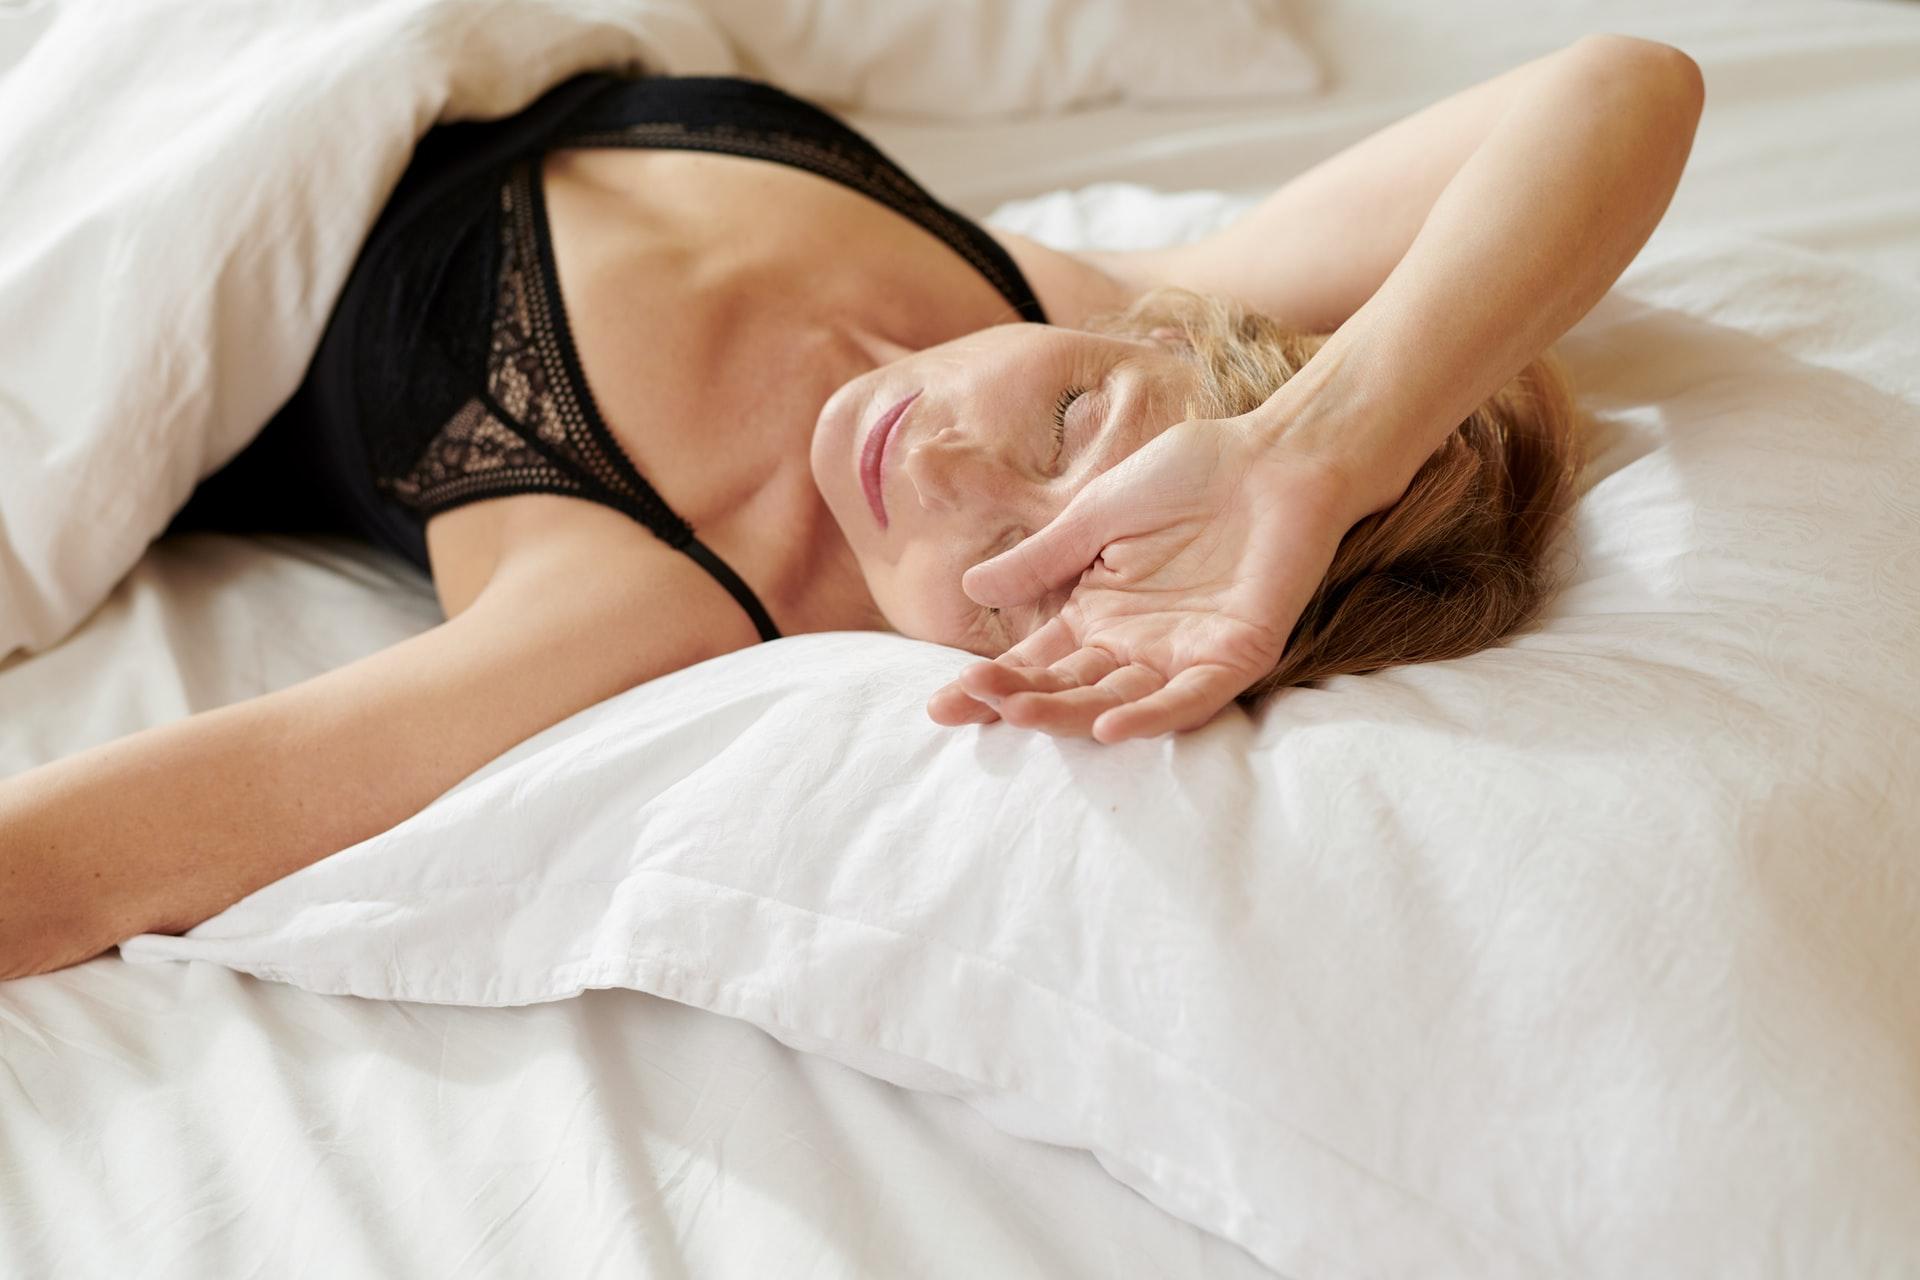 Heb je last van jouw nek? Met het juiste kussen voor nekklachten kun je jouw nachtrust verbeteren!